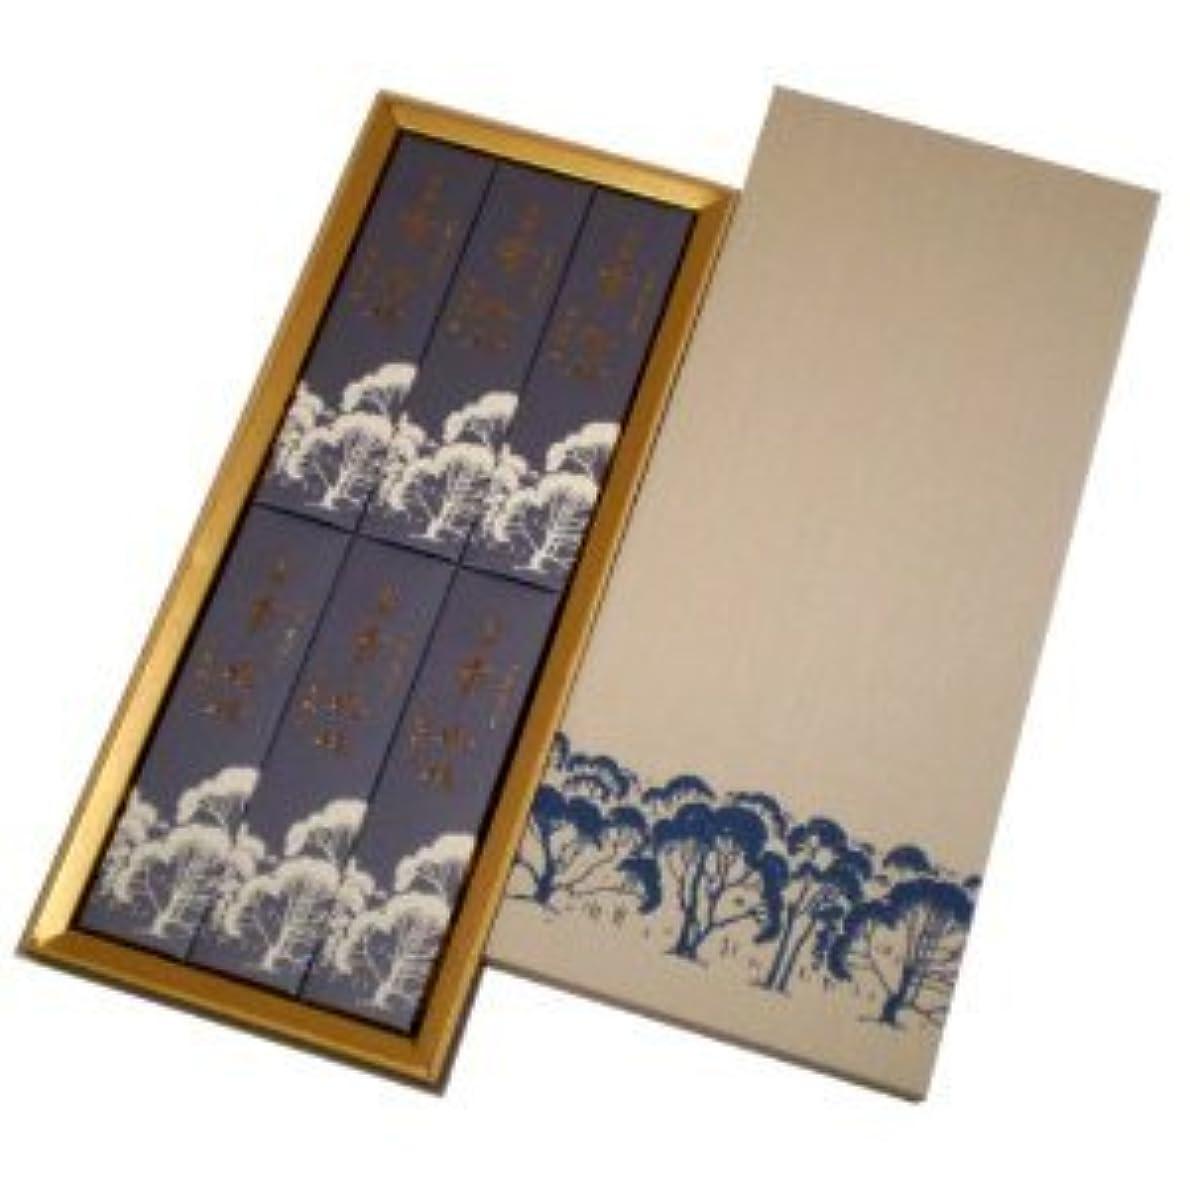 汚染賢明な嘆く玉初堂 淡麗香樹林 短寸6箱入化粧紙箱